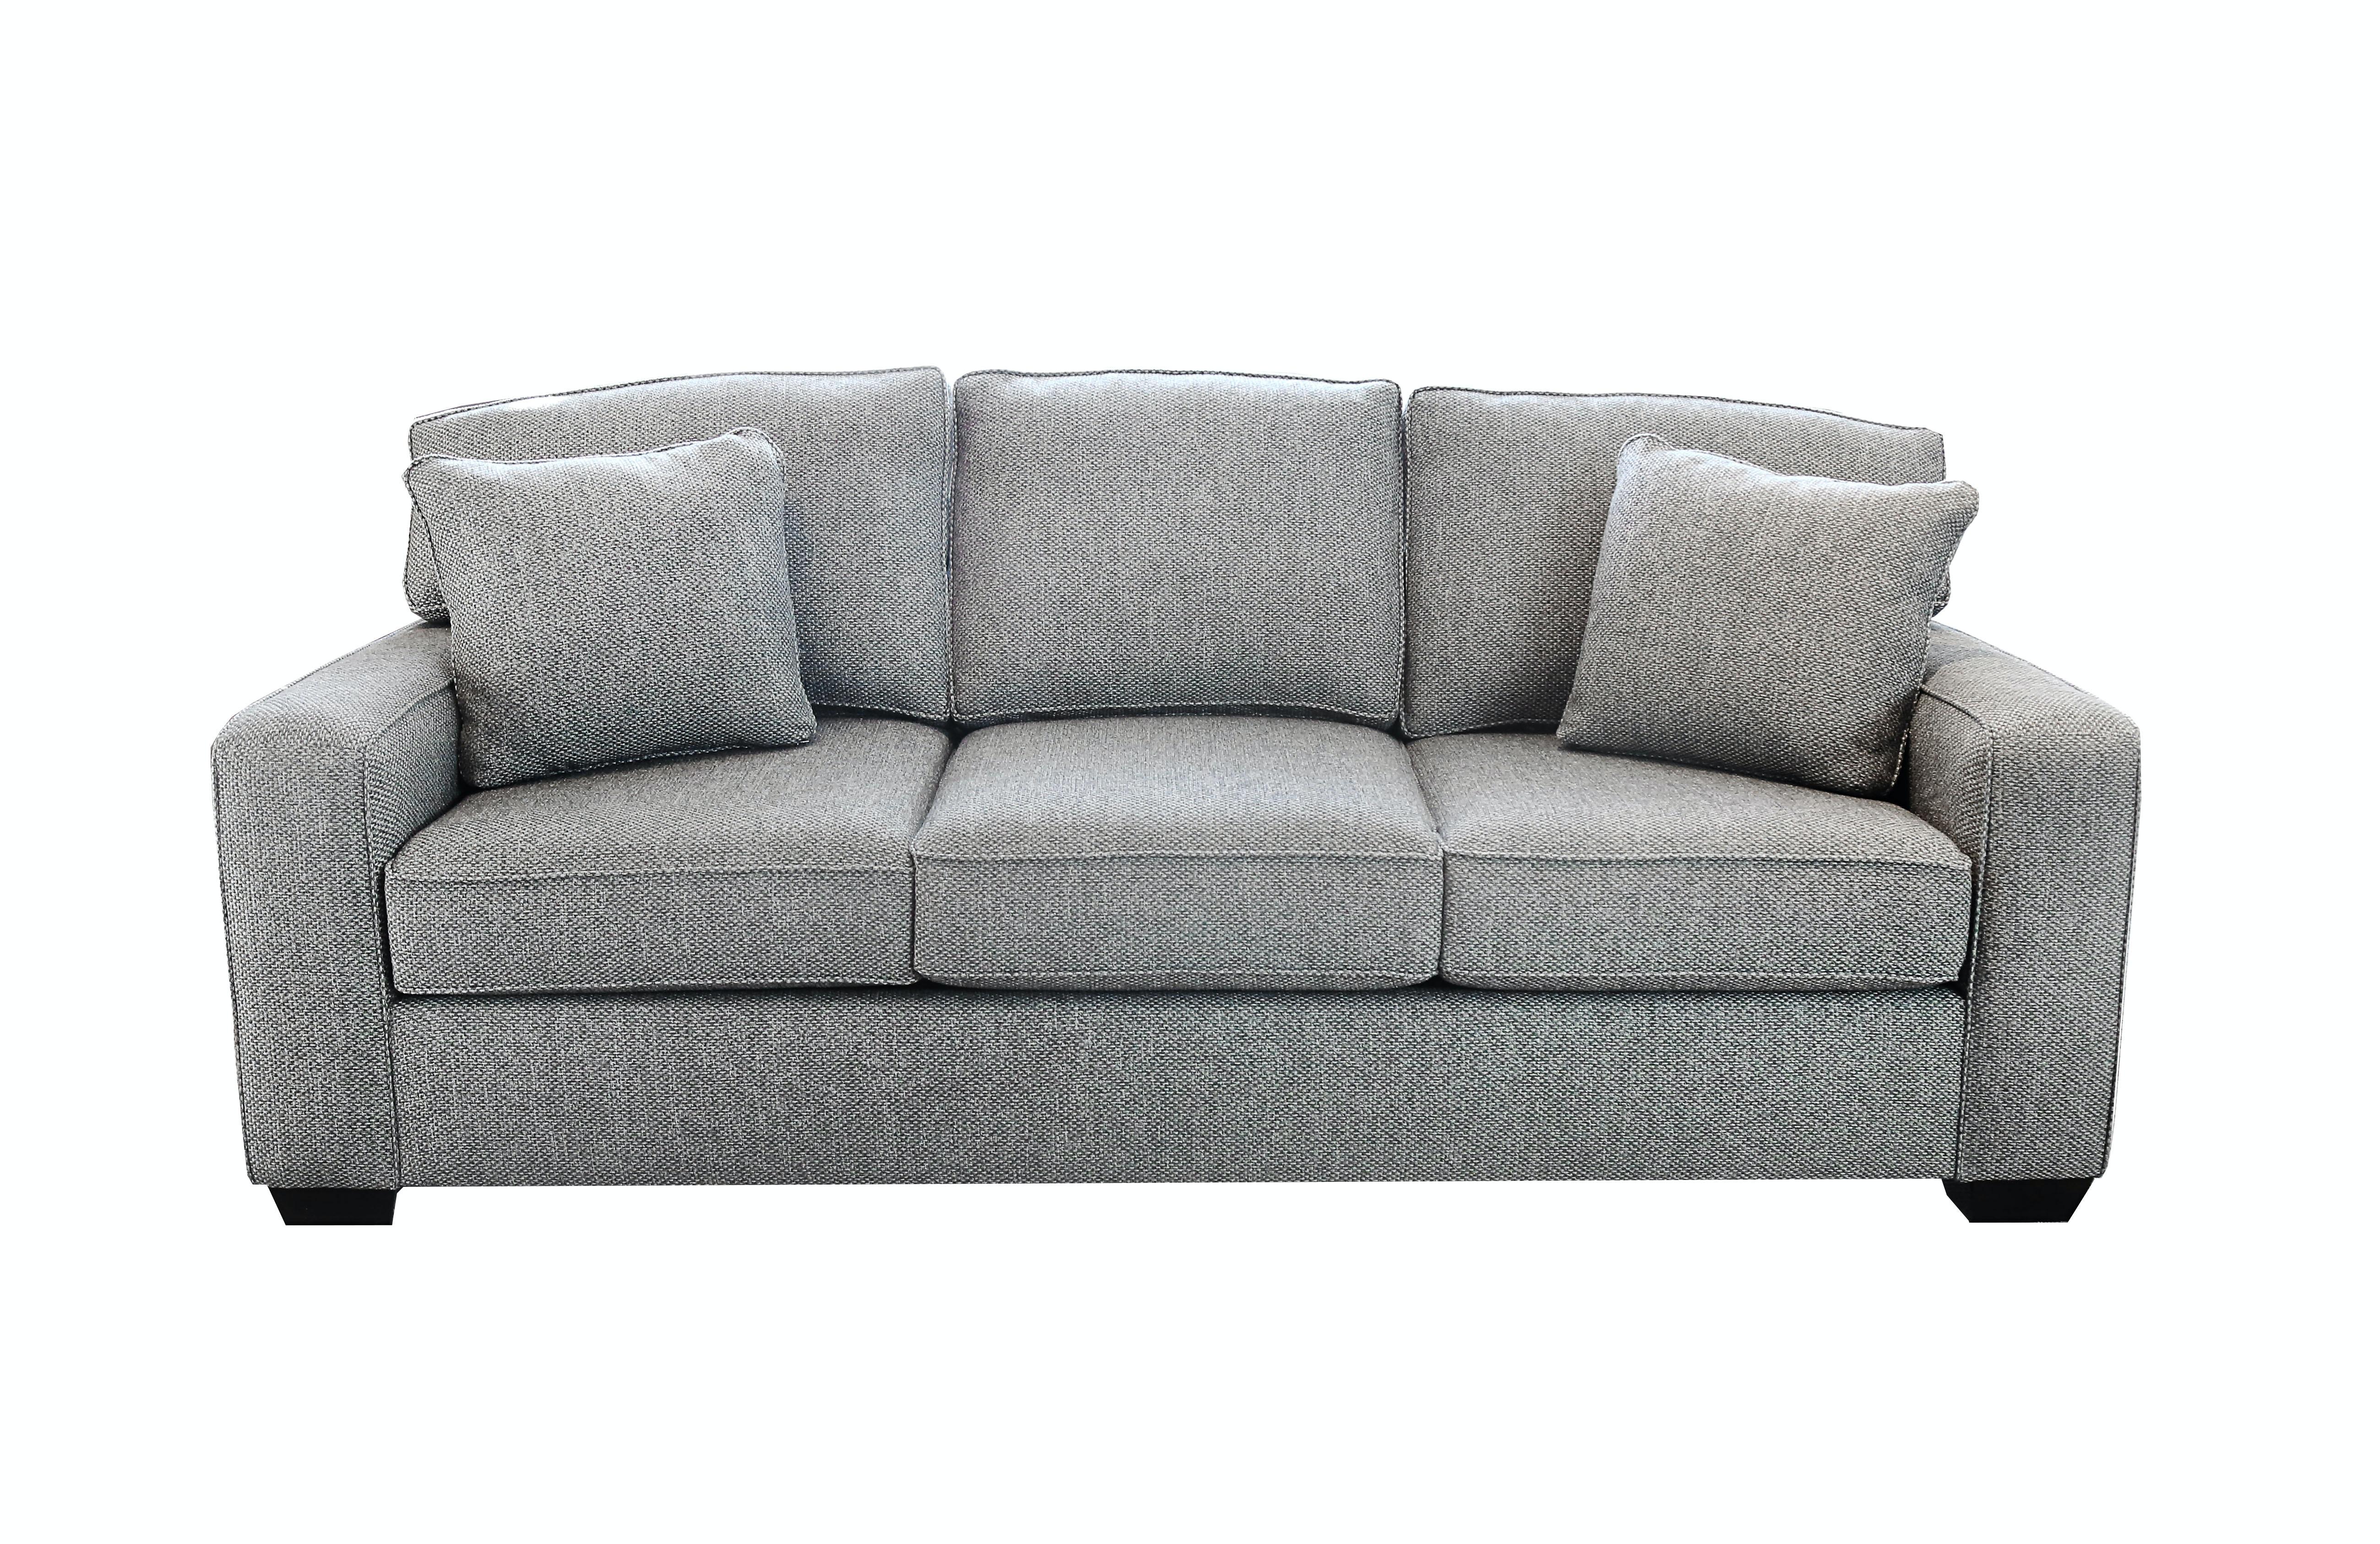 - Goodwin Queen Sleeper Sofa AVH9JH6ABQAST-CLR